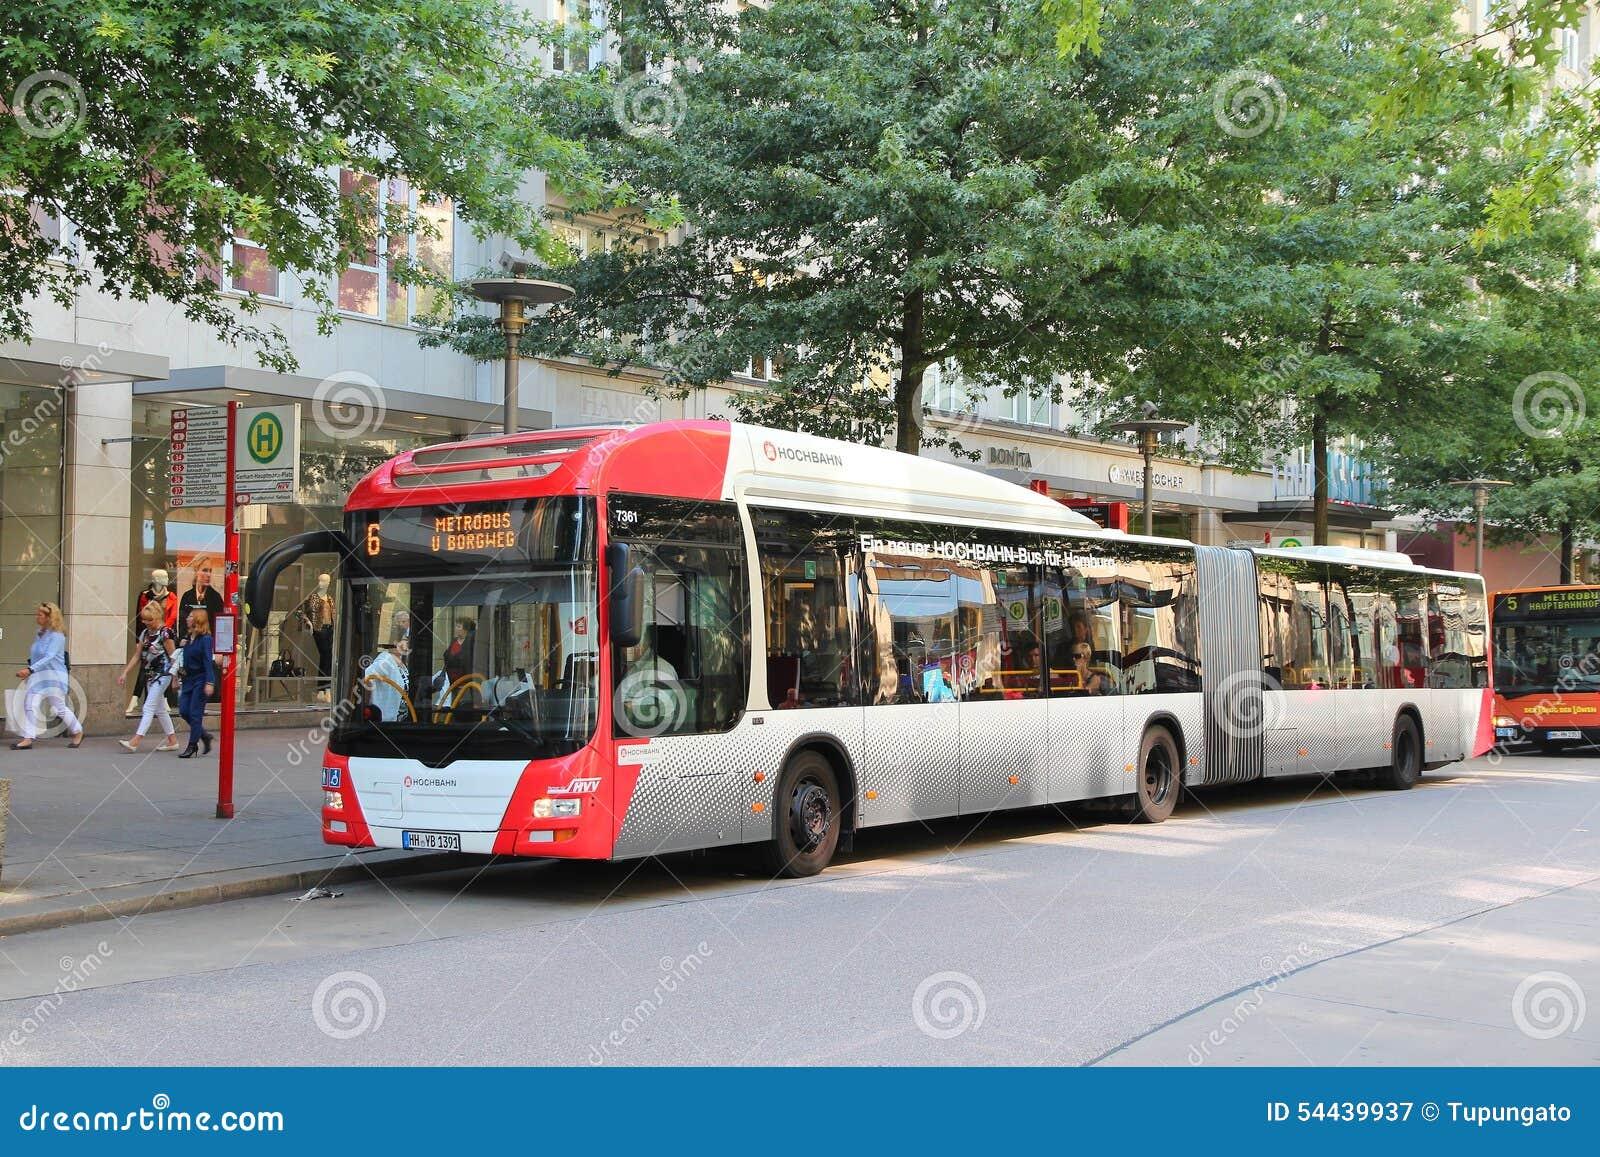 hamburg mann bus redaktionelles stockfotografie bild von europ isch 54439937. Black Bedroom Furniture Sets. Home Design Ideas